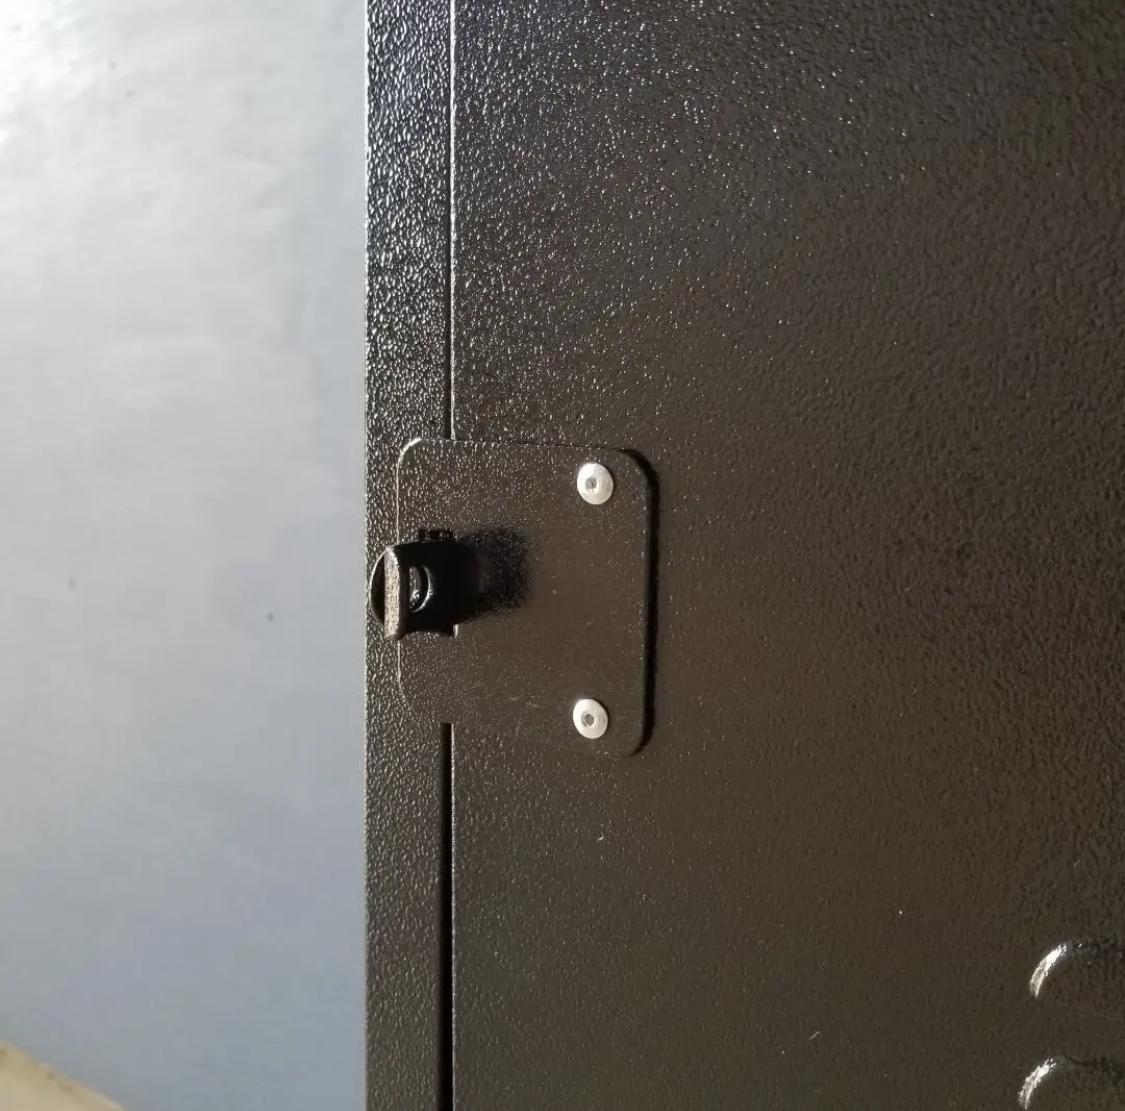 Rald Locker 4D Chest 2 Colors / アメリカンインダストリアルスタイル ロッカー調 4段チェスト